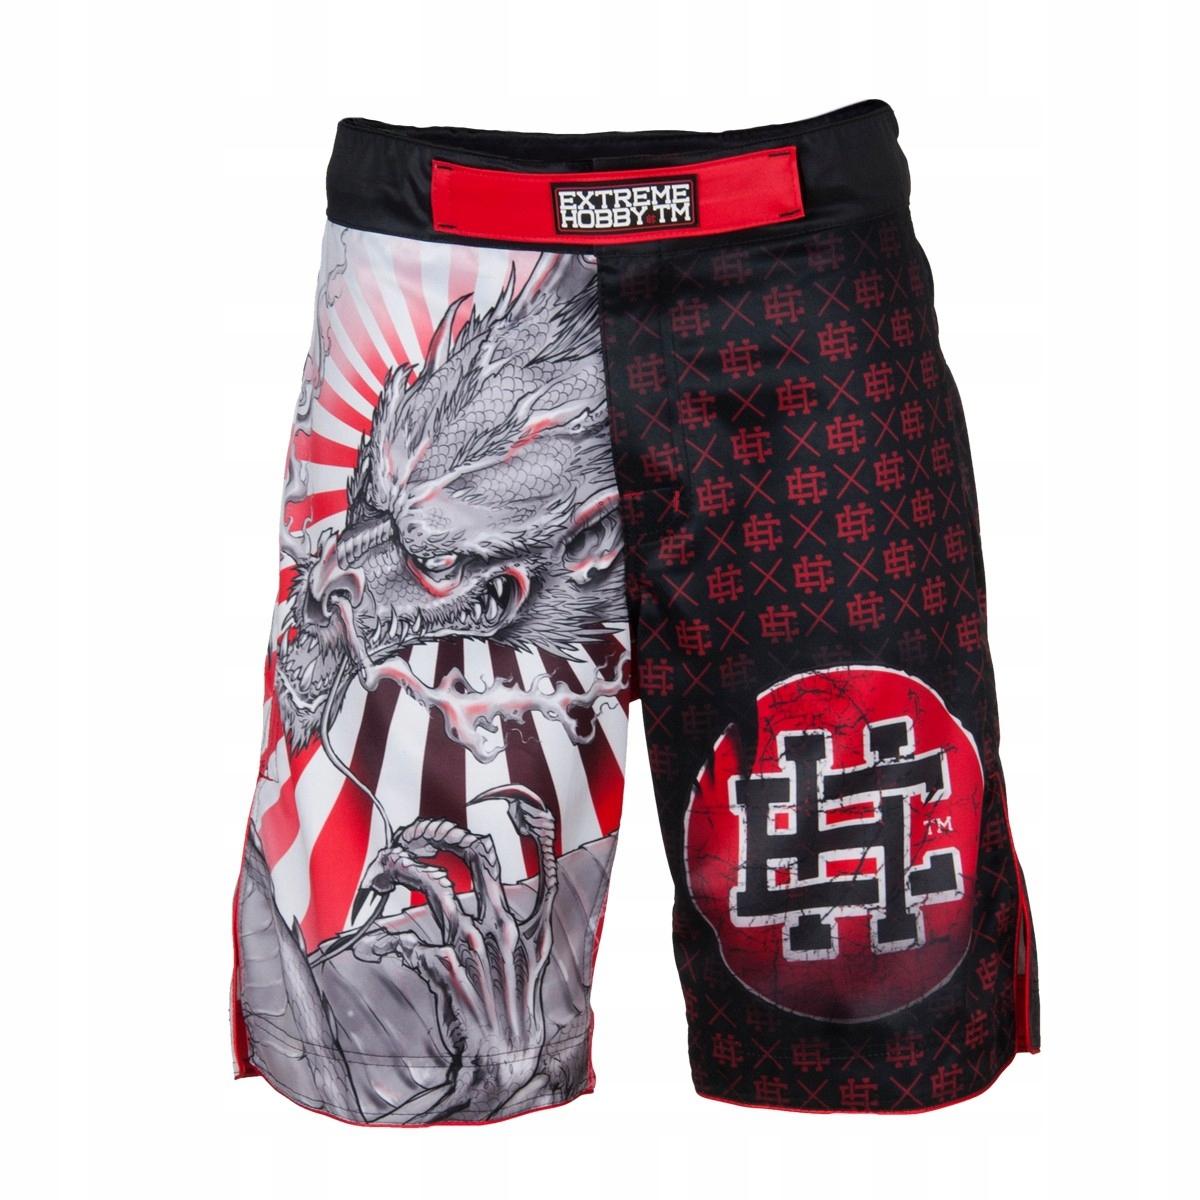 Spodenki męskie do MMA YAKUZA Extreme Hobby 3XL